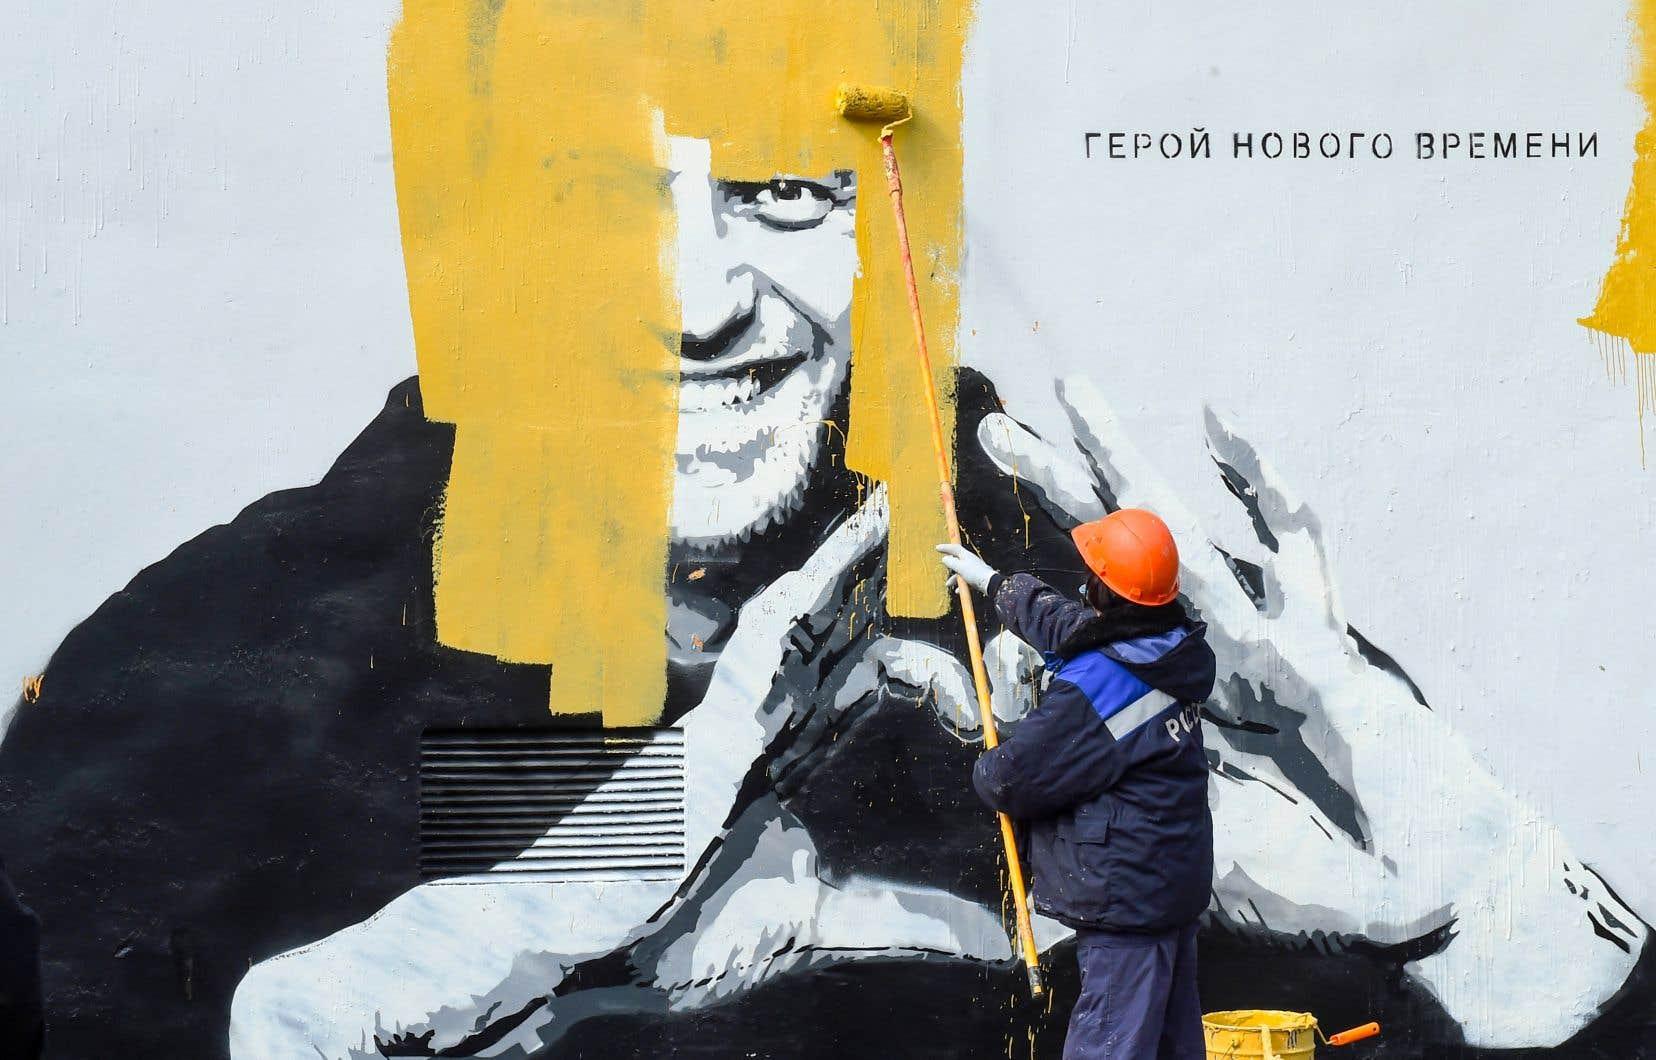 Un ouvrier recouvrait mercredi un graffiti représentant l'opposant russe Alexeï Navalny, accompagnéde l'inscription «Le héros des temps nouveaux», à Saint-Pétersbourg.